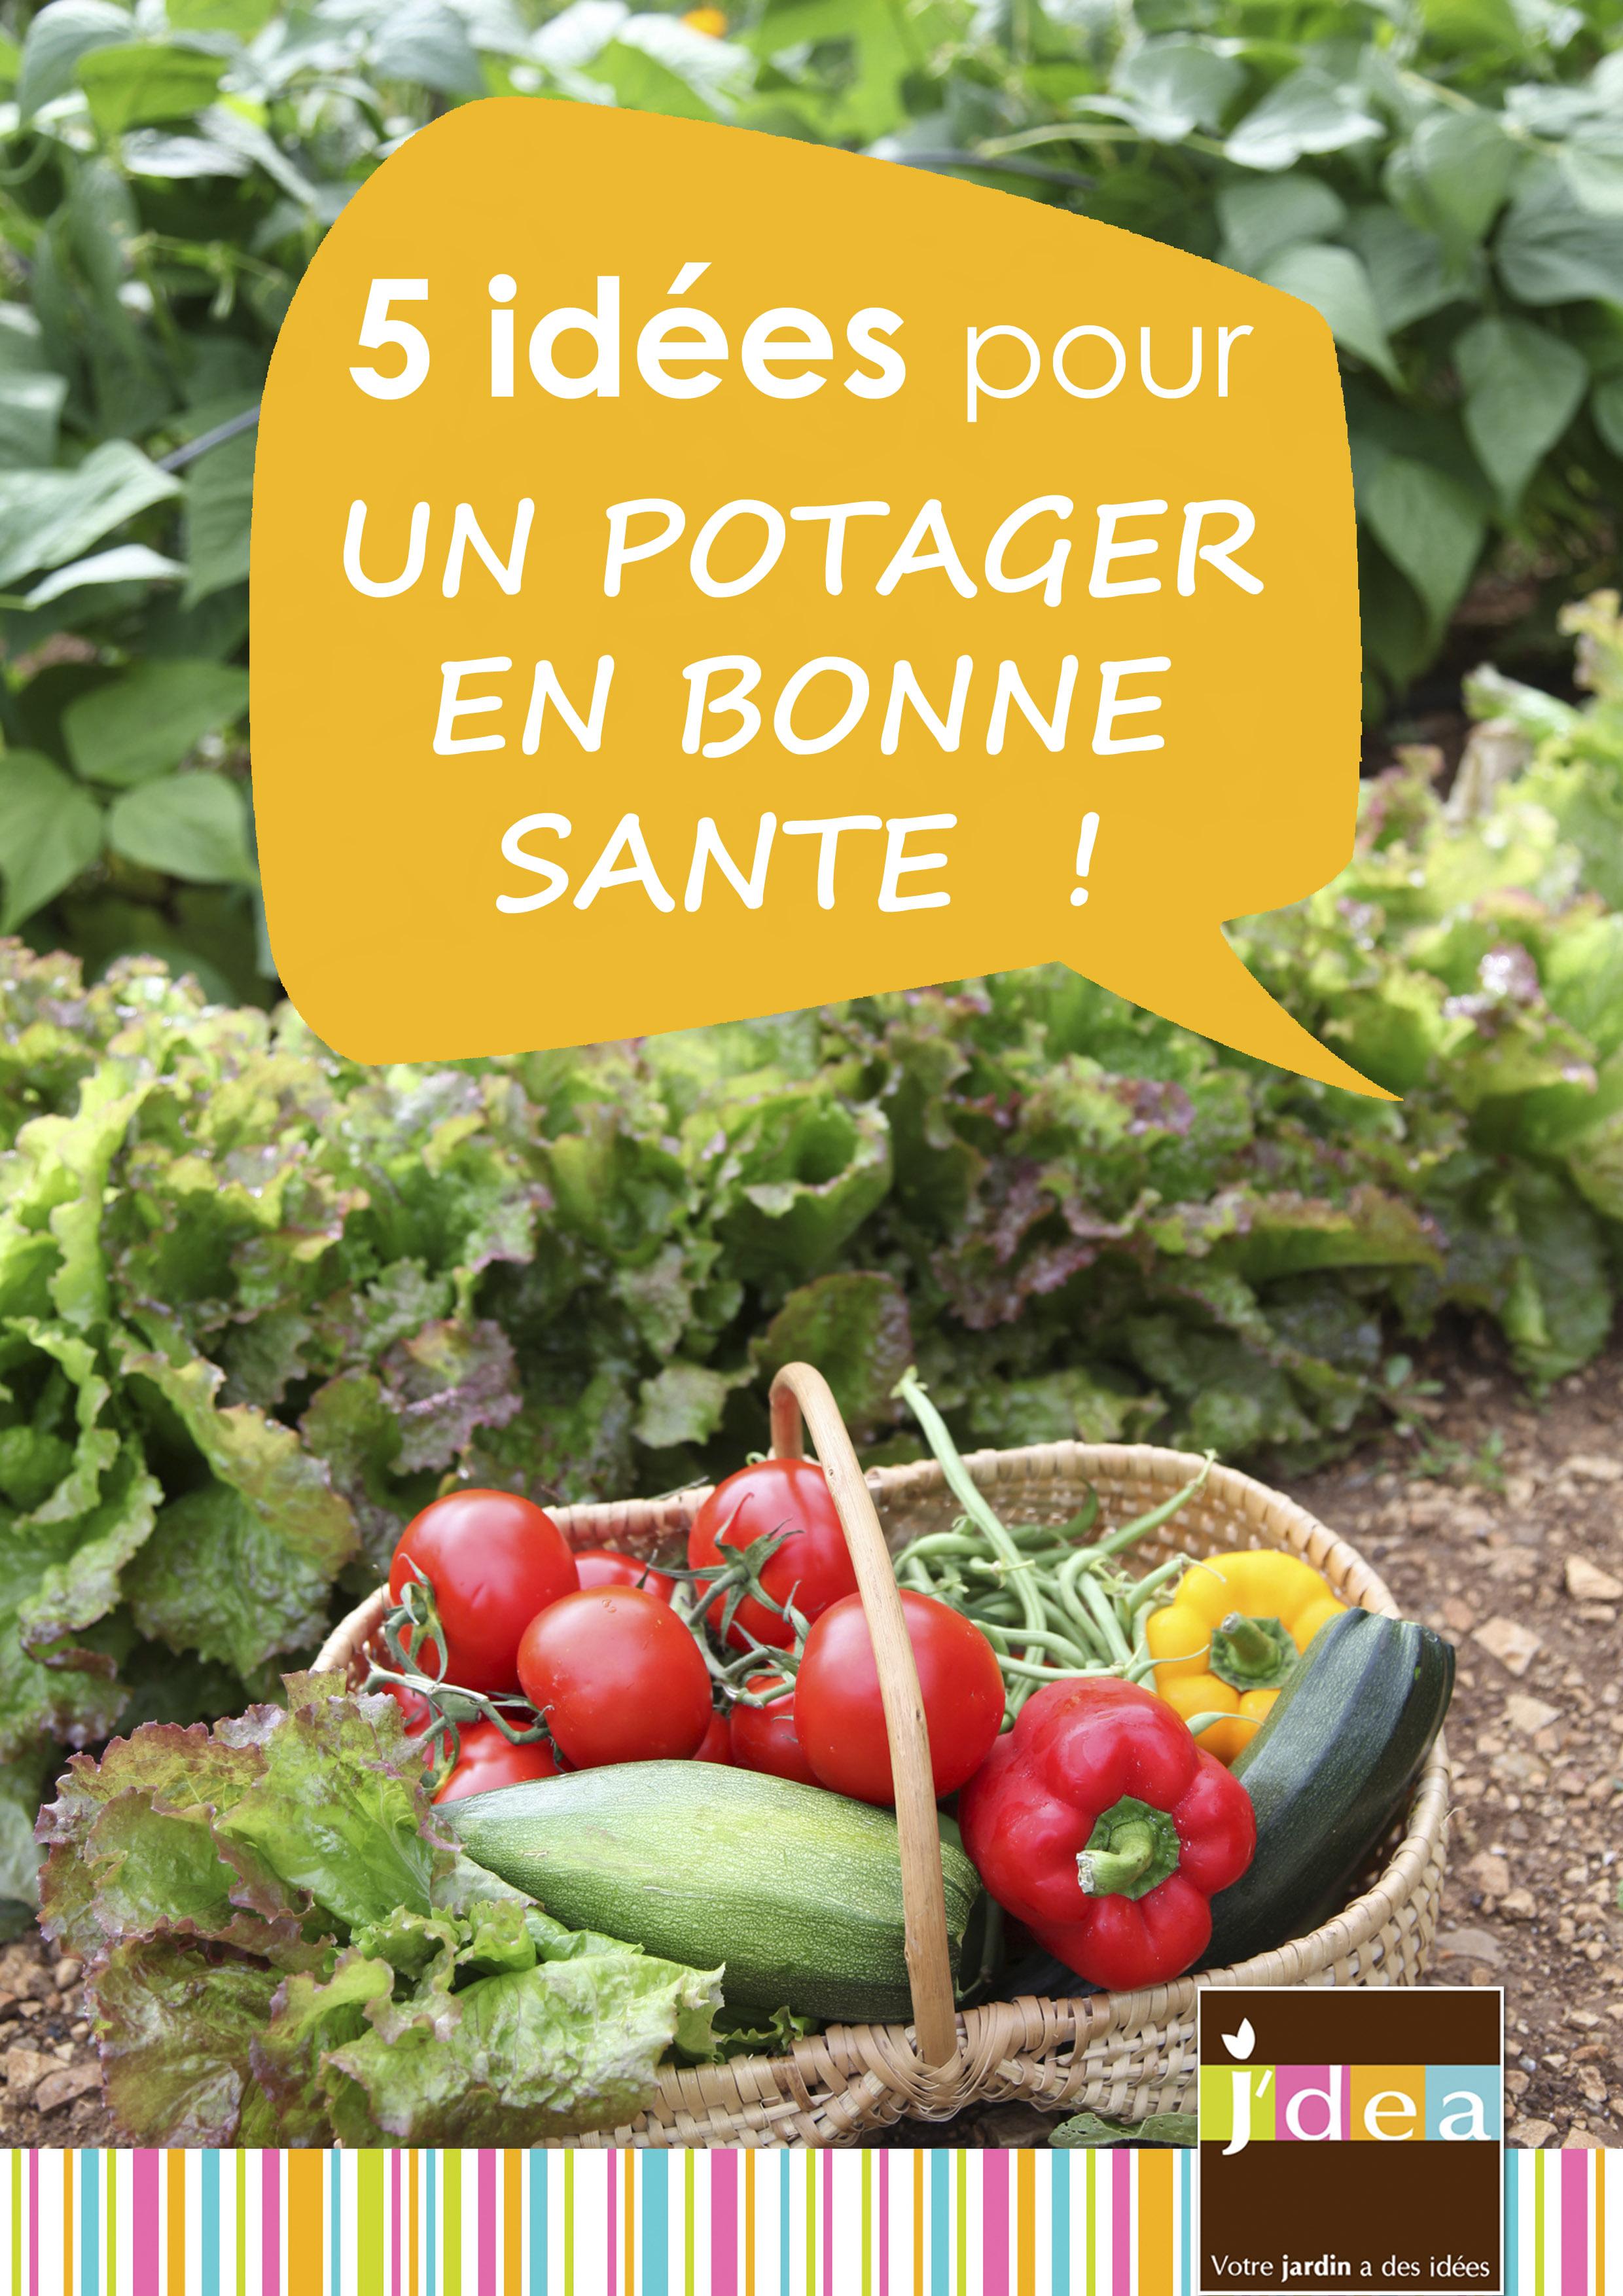 Découvrez nos 5 idées pour un potager en bonne santé, respectueux de la nature.